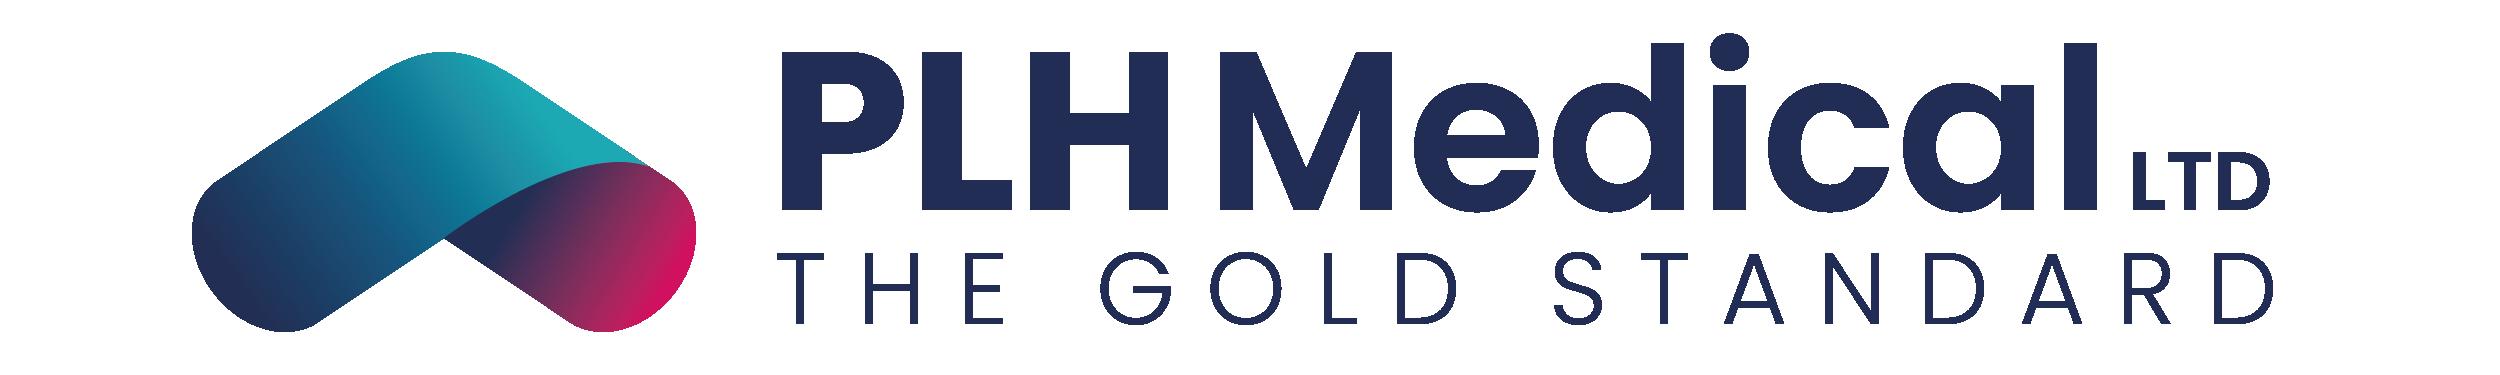 PLH Medical Ltd